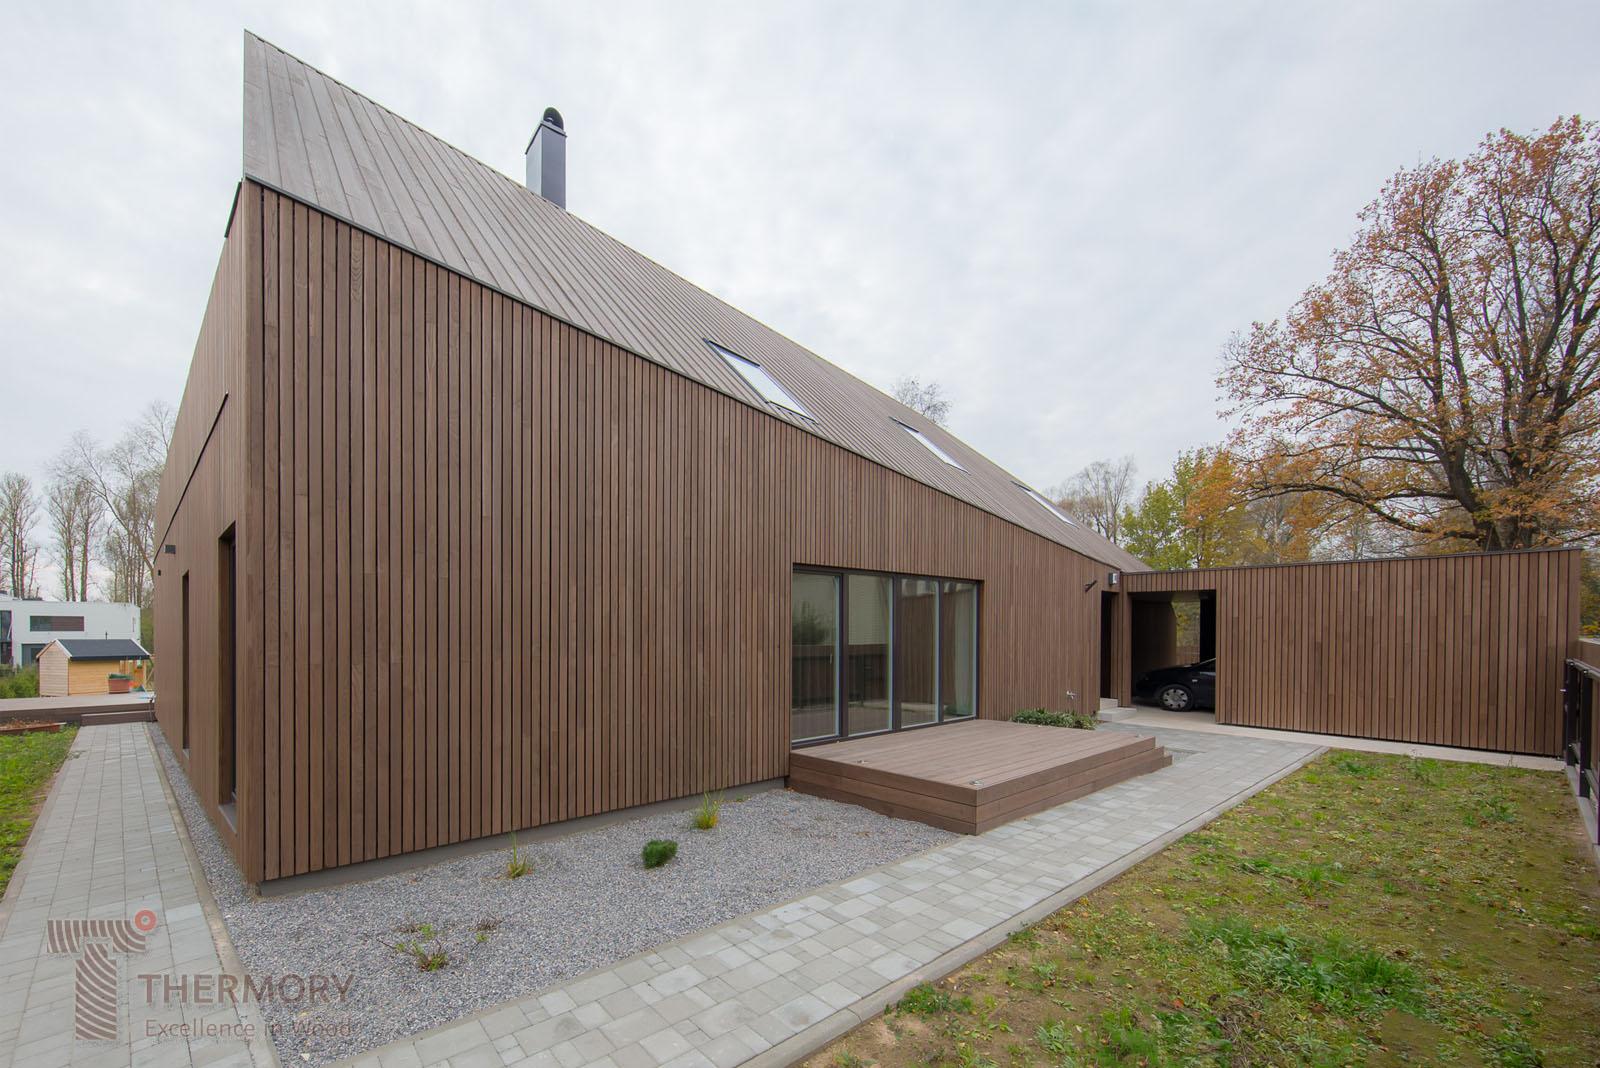 Thermory Ash Cladding_All build in thermoash, Estonia (4).jpg